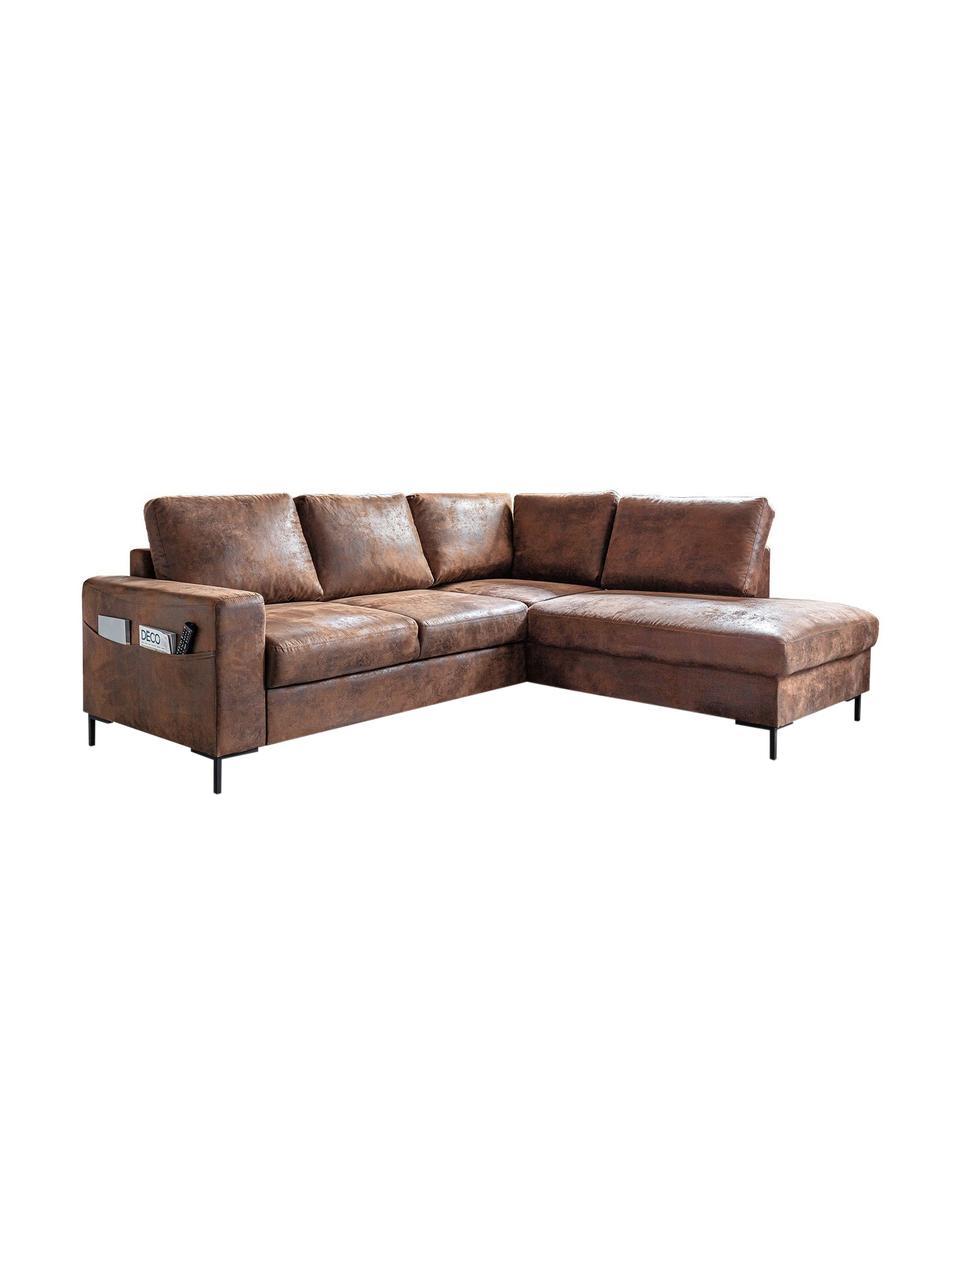 Sofa narożna z funkcją spania Lilly, Tapicerka: 100% mikrofibra, Brązowy, S 237 x G 197 cm